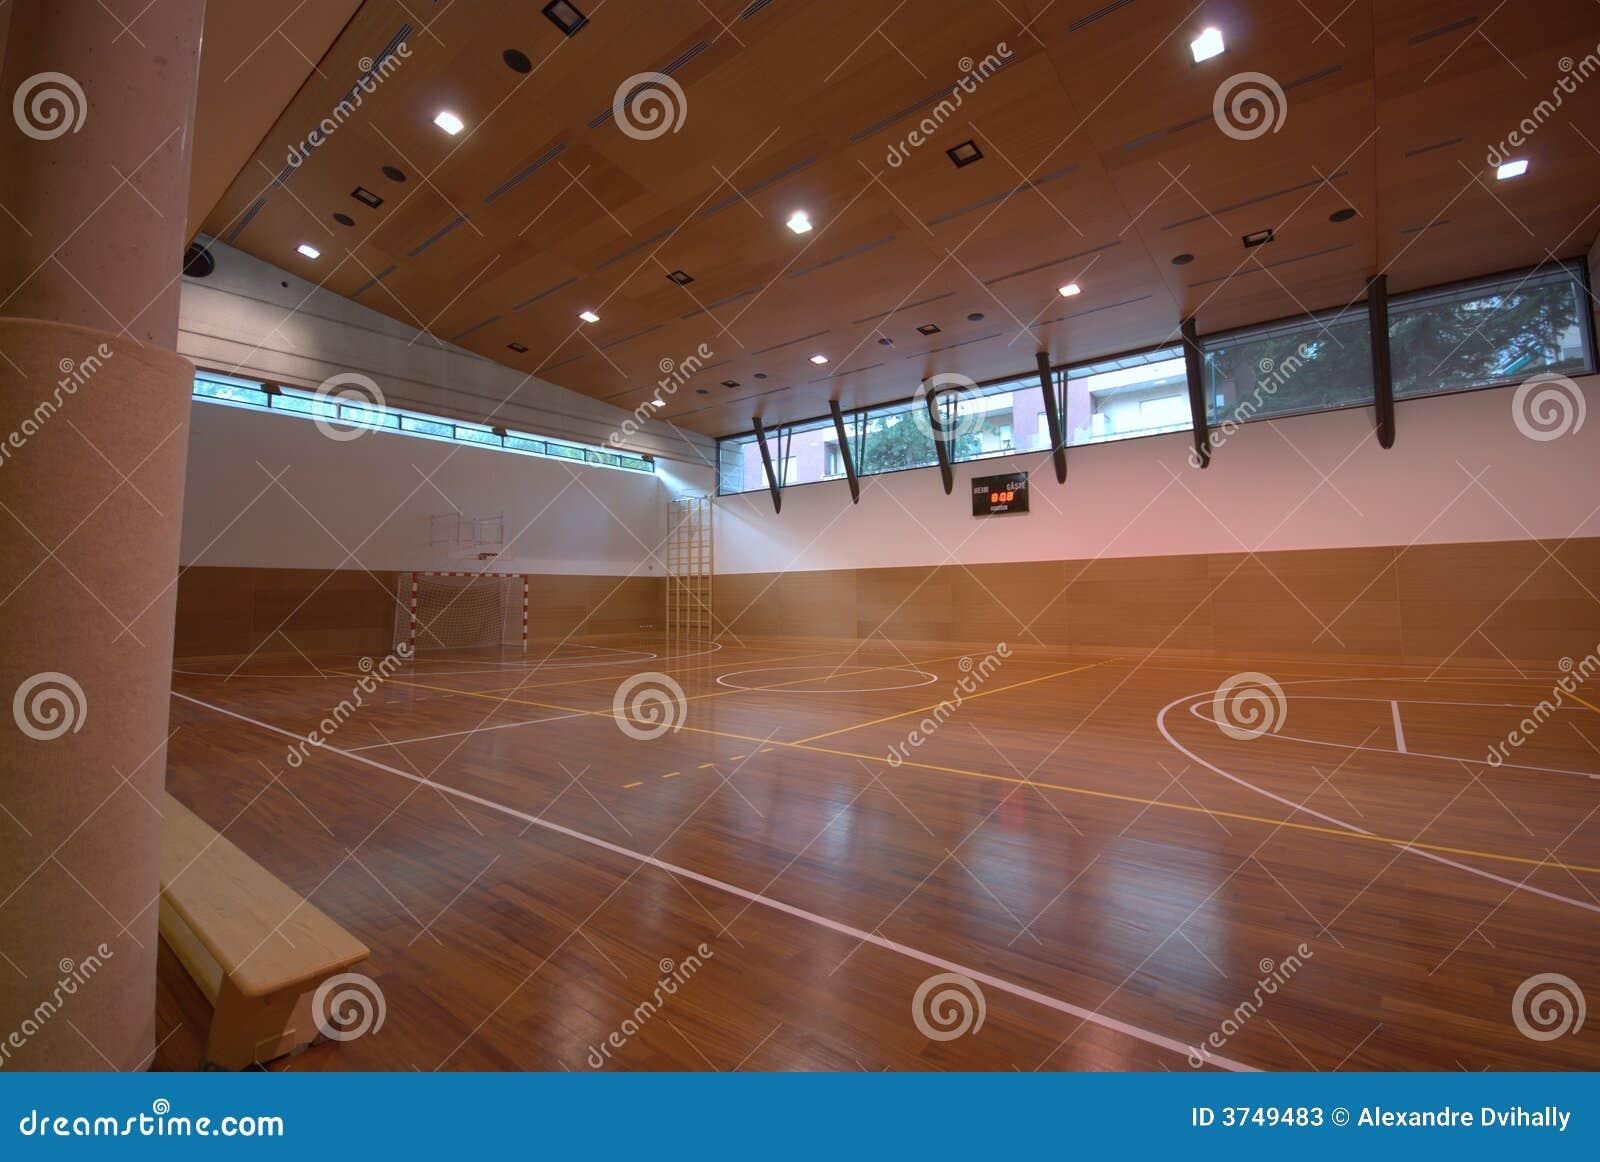 Sport Court Indoor Stock Photos Image 3749483